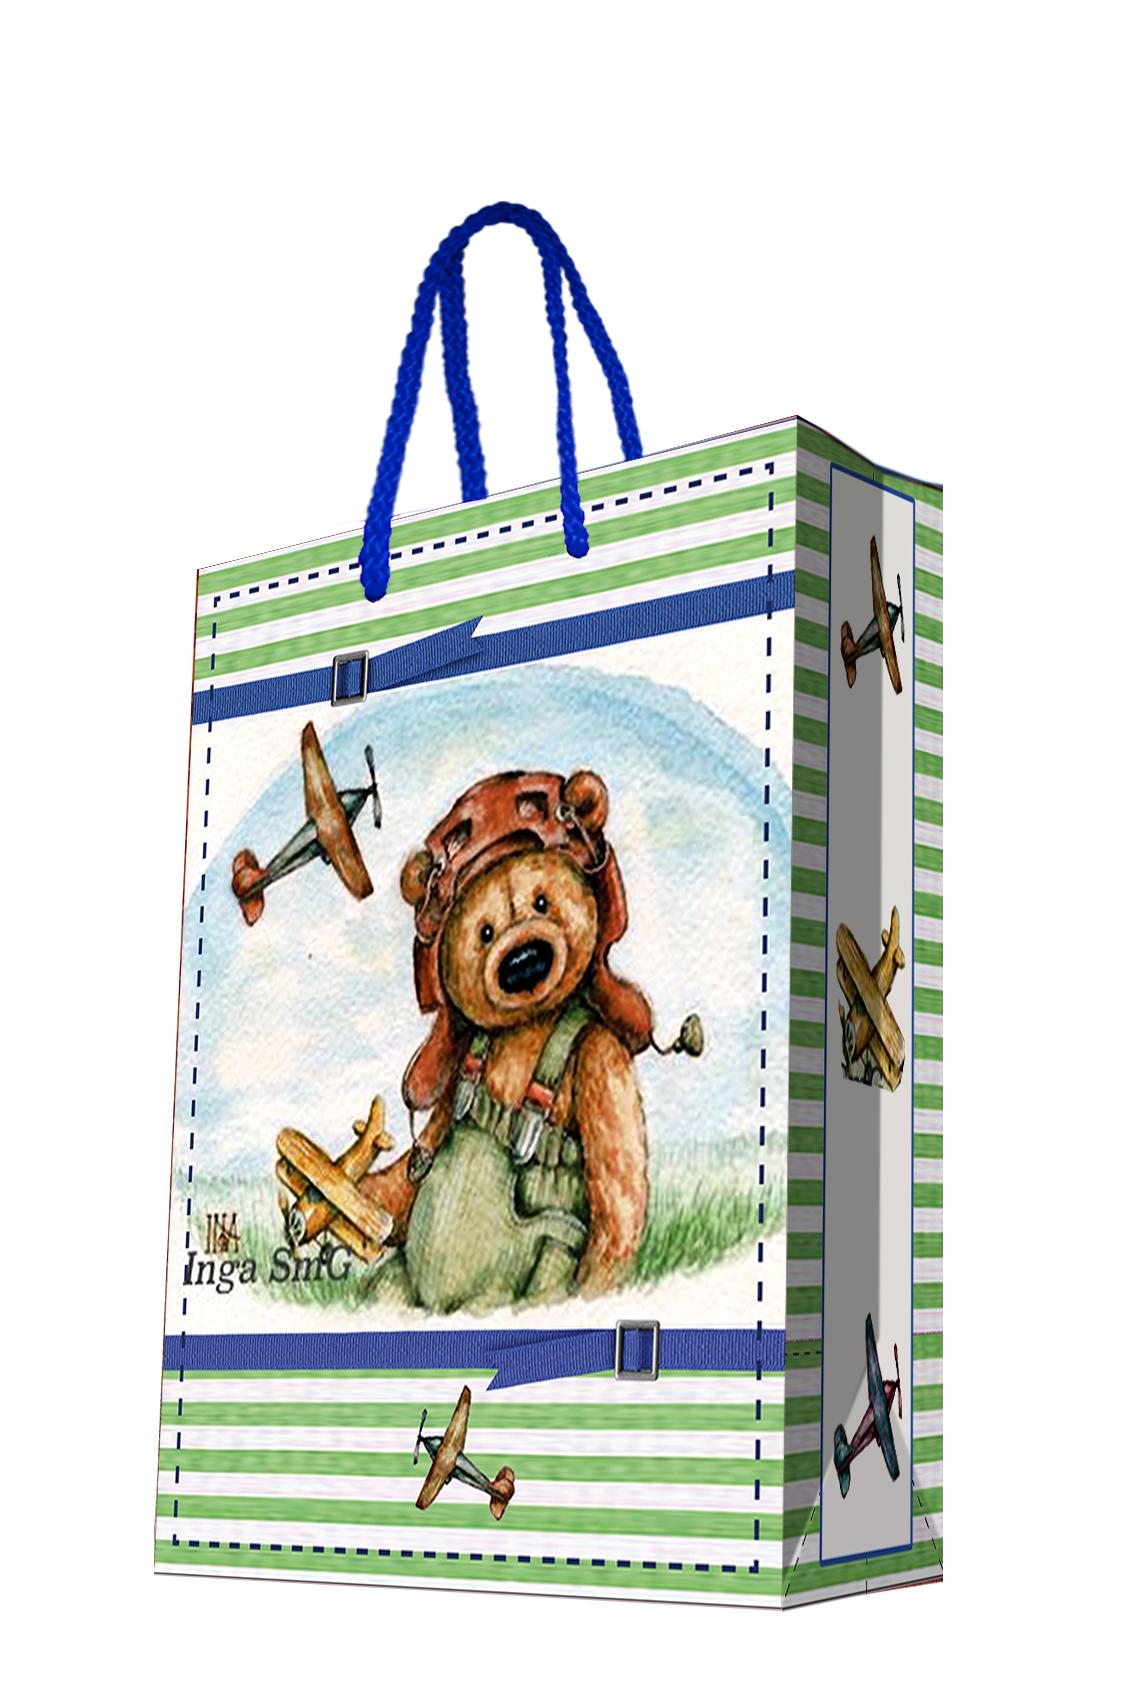 Пакет подарочный Magic Home Мишка-летчик, 26 х 32,4 х 12,7 см44192Подарочный пакет Magic Home, изготовленный из плотной бумаги, станет незаменимым дополнением к выбранному подарку. Дно изделия укреплено картоном, который позволяет сохранить форму пакета и исключает возможность деформации дна под тяжестью подарка. Пакет выполнен с глянцевой ламинацией, что придает ему прочность, а изображению - яркость и насыщенность цветов. Для удобной переноски имеются две ручки в виде шнурков.Подарок, преподнесенный в оригинальной упаковке, всегда будет самым эффектным и запоминающимся. Окружите близких людей вниманием и заботой, вручив презент в нарядном, праздничном оформлении.Плотность бумаги: 140 г/м2.